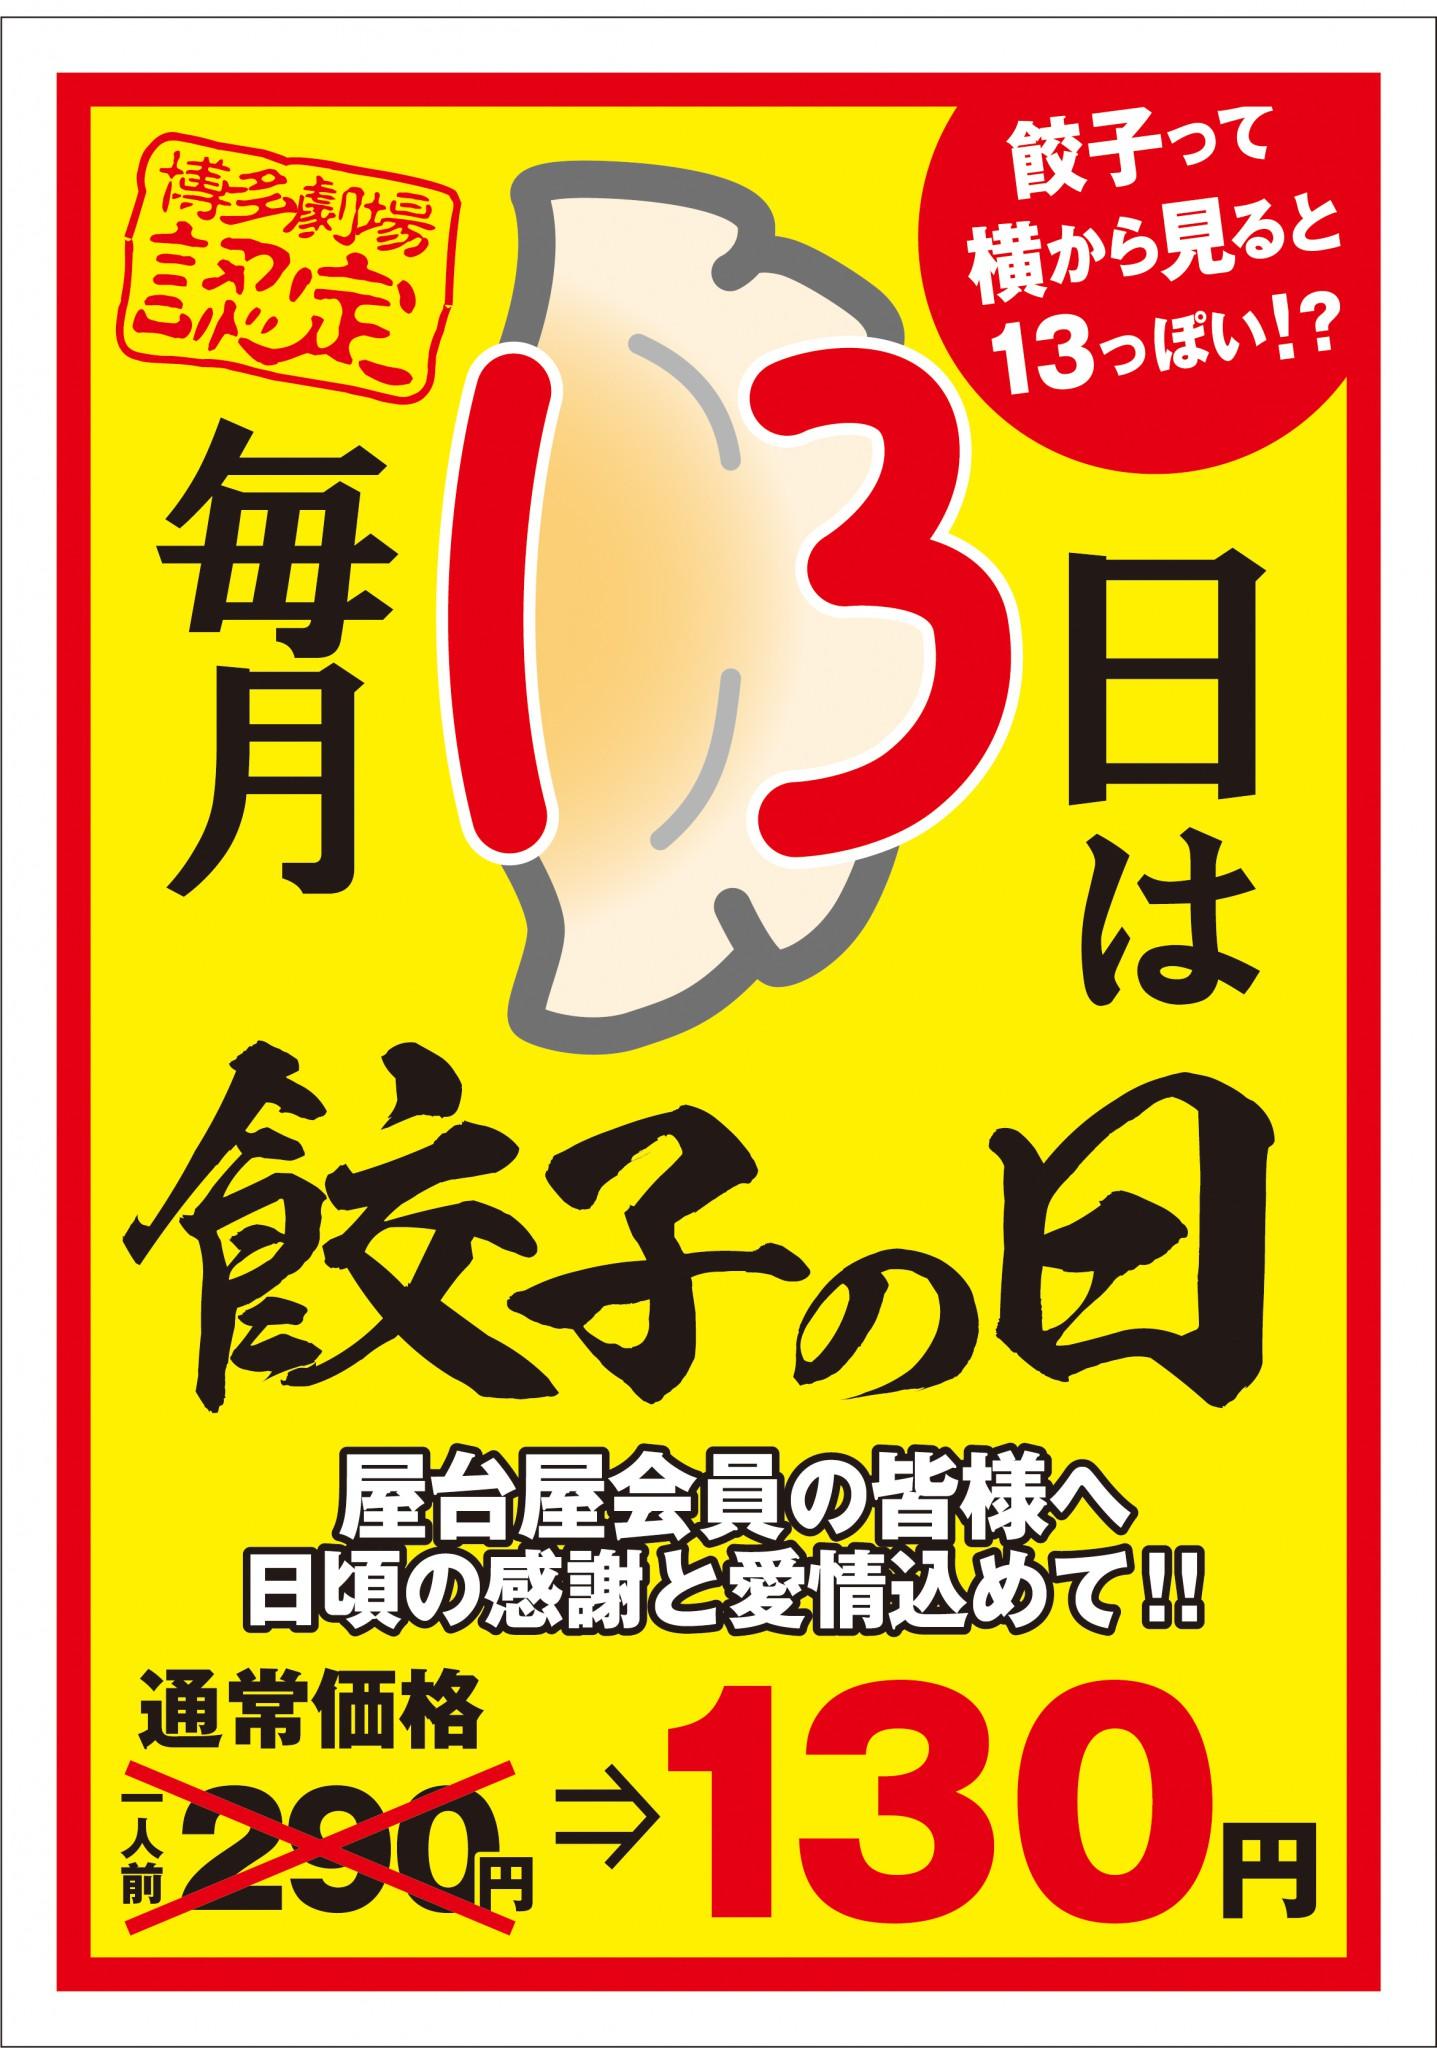 餃子130円フェアA3_04